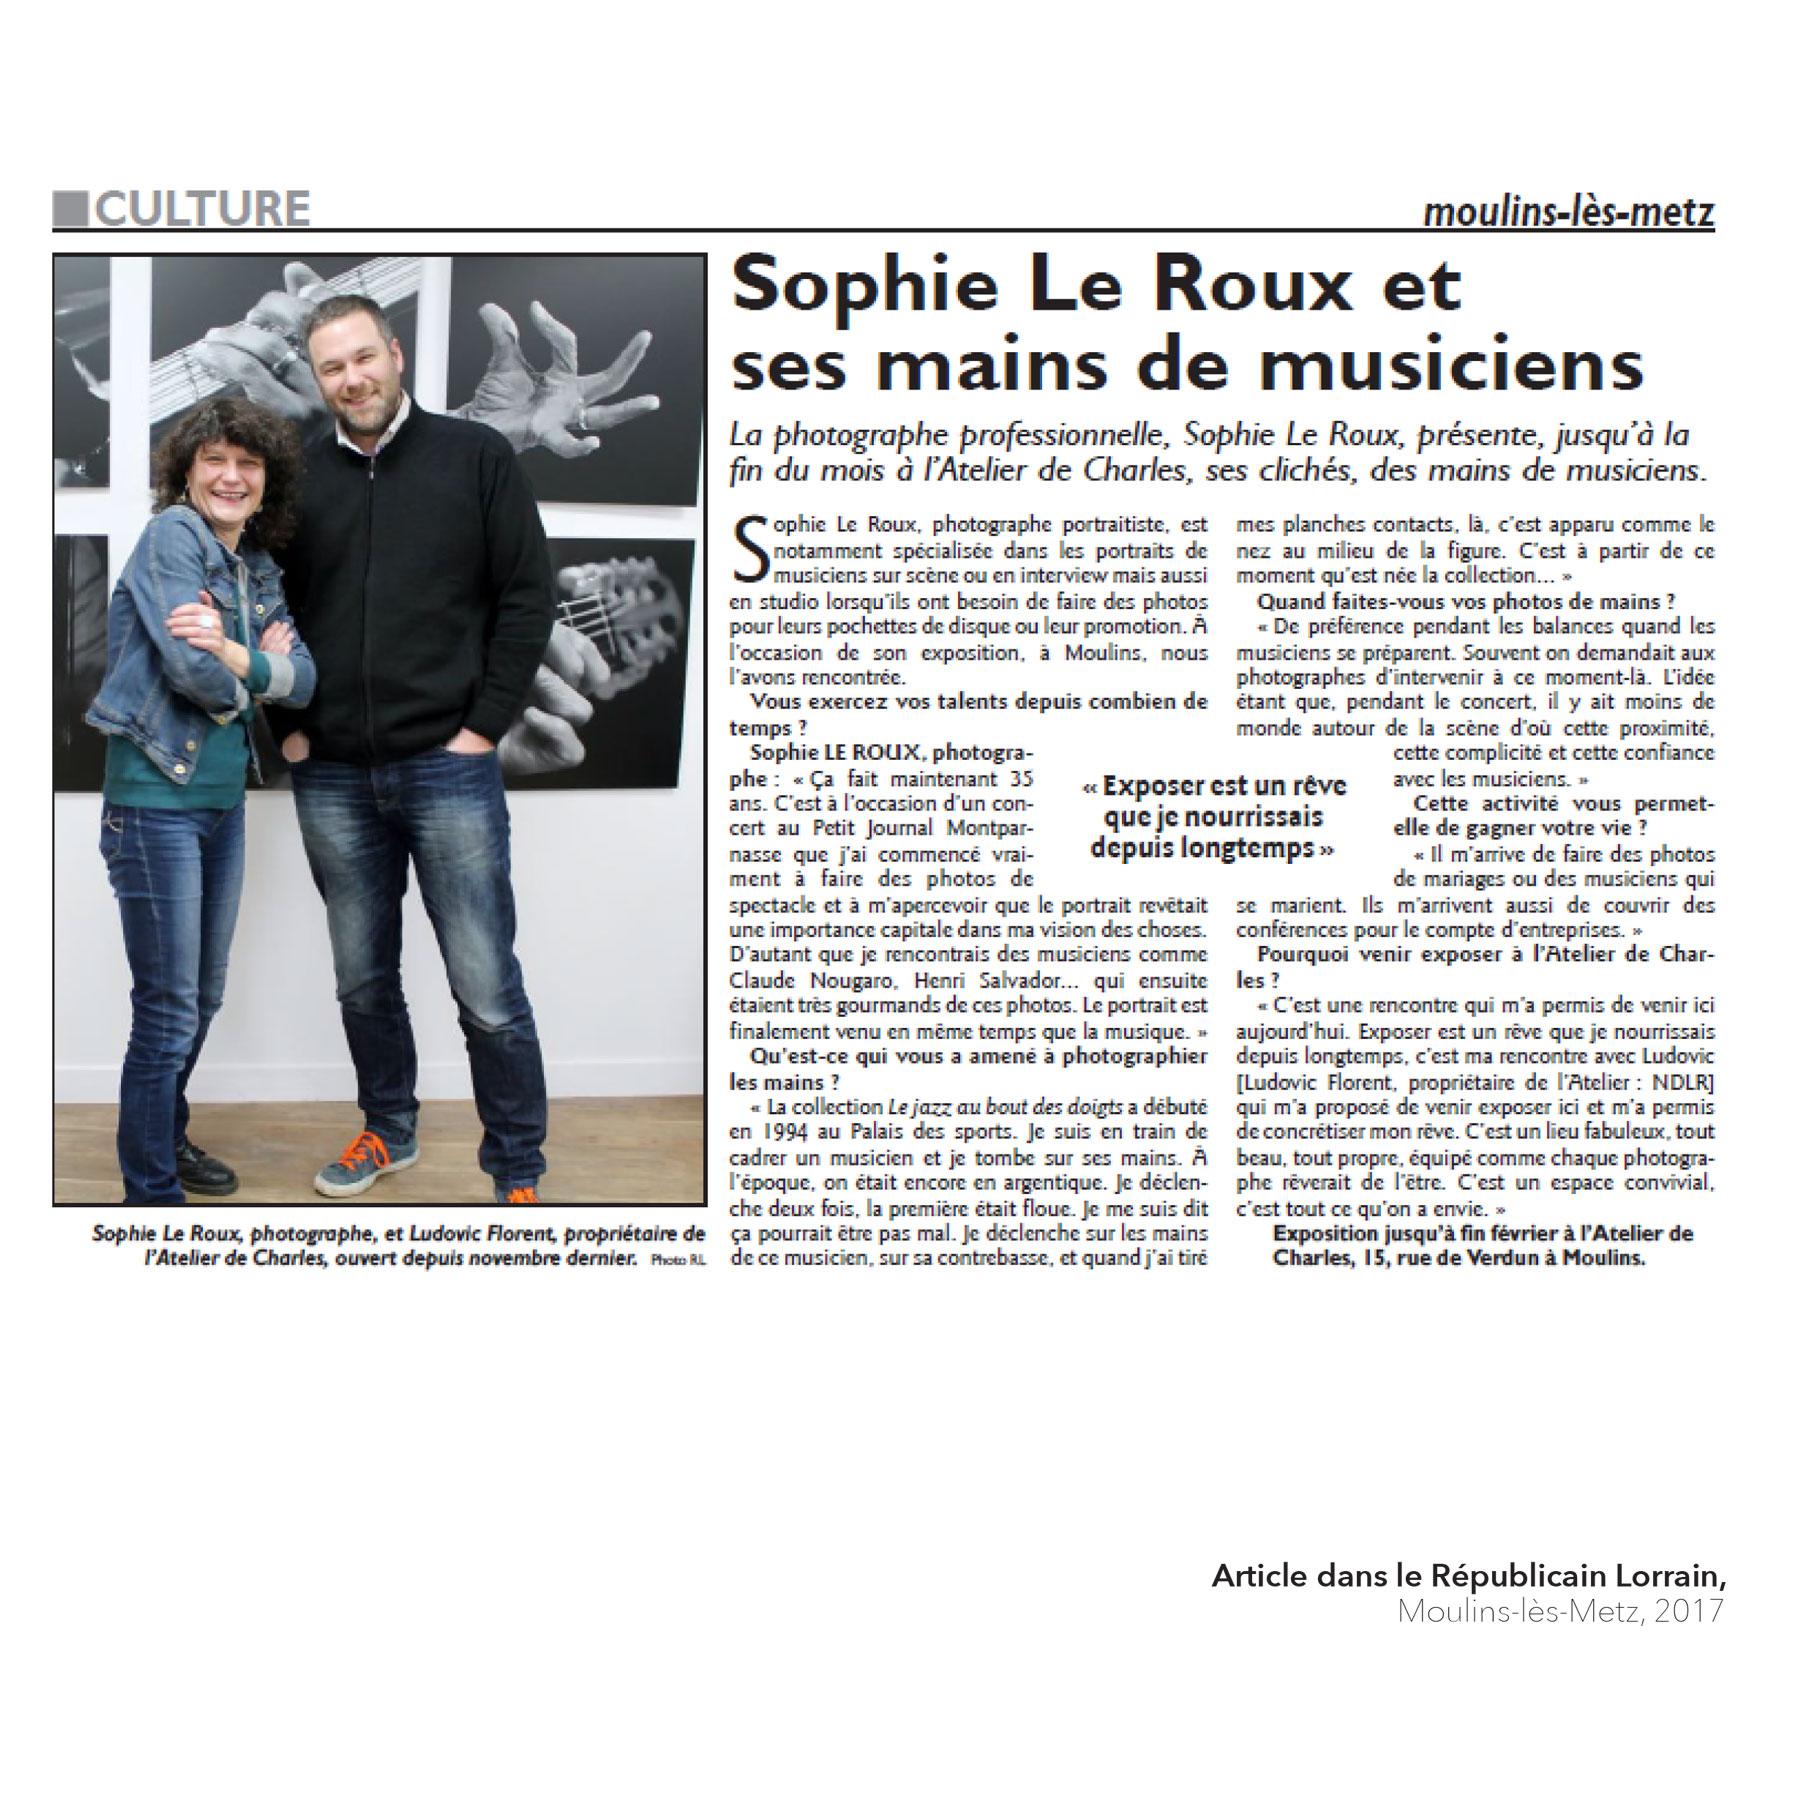 Sophie Le Roux - Article dans le Republicain-Lorrain, 2017